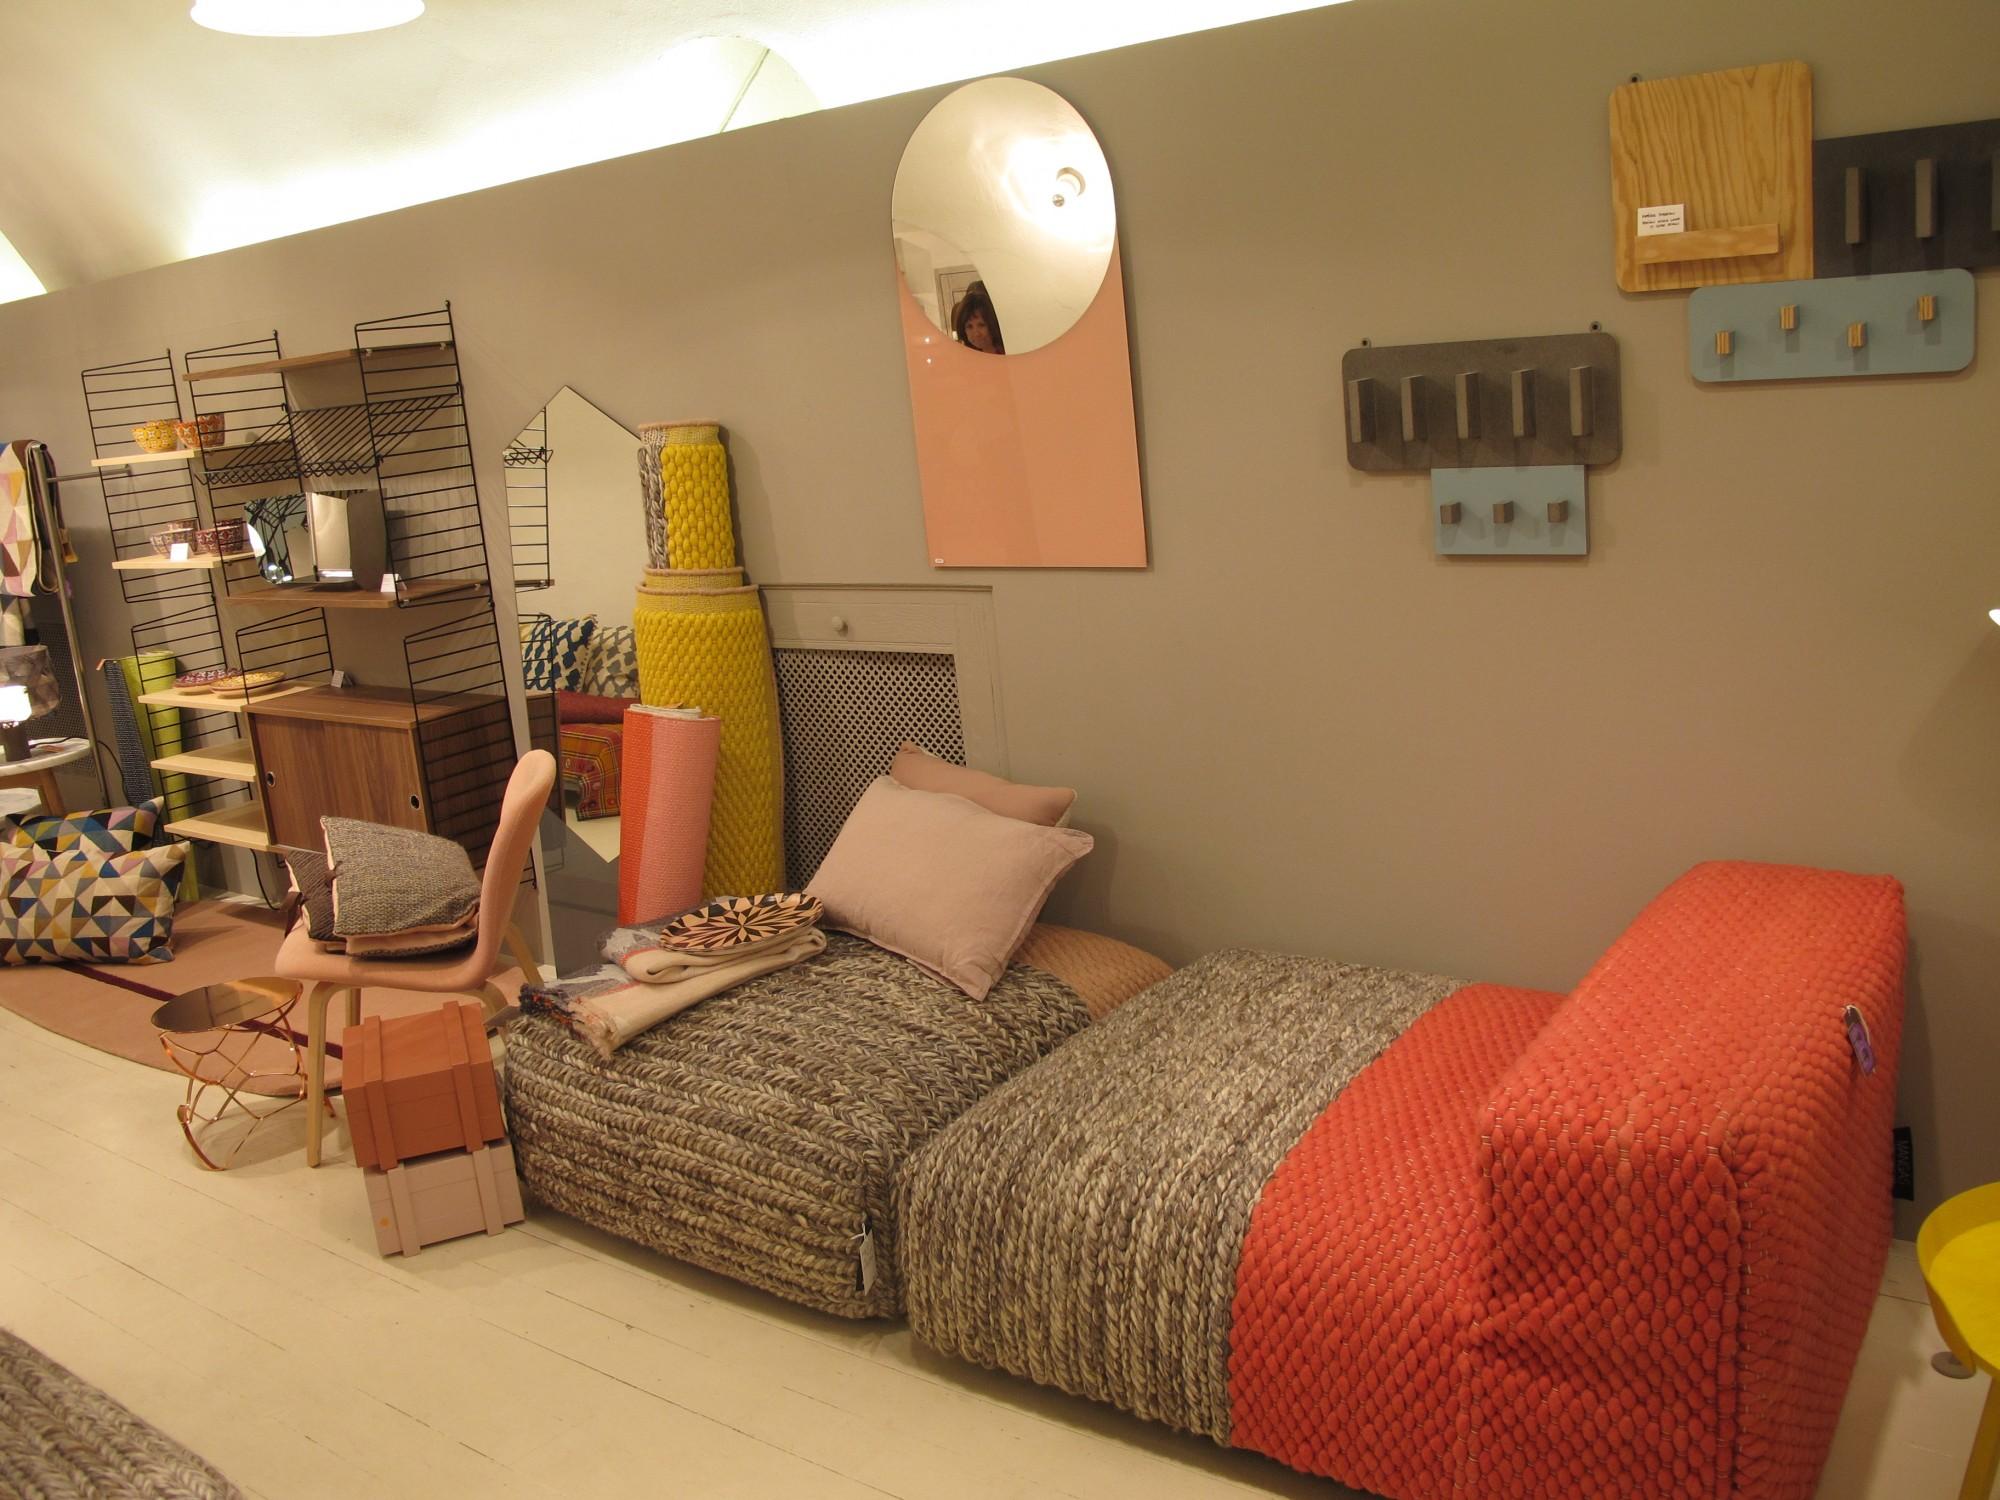 bensimon home autour du monde the parisienne. Black Bedroom Furniture Sets. Home Design Ideas